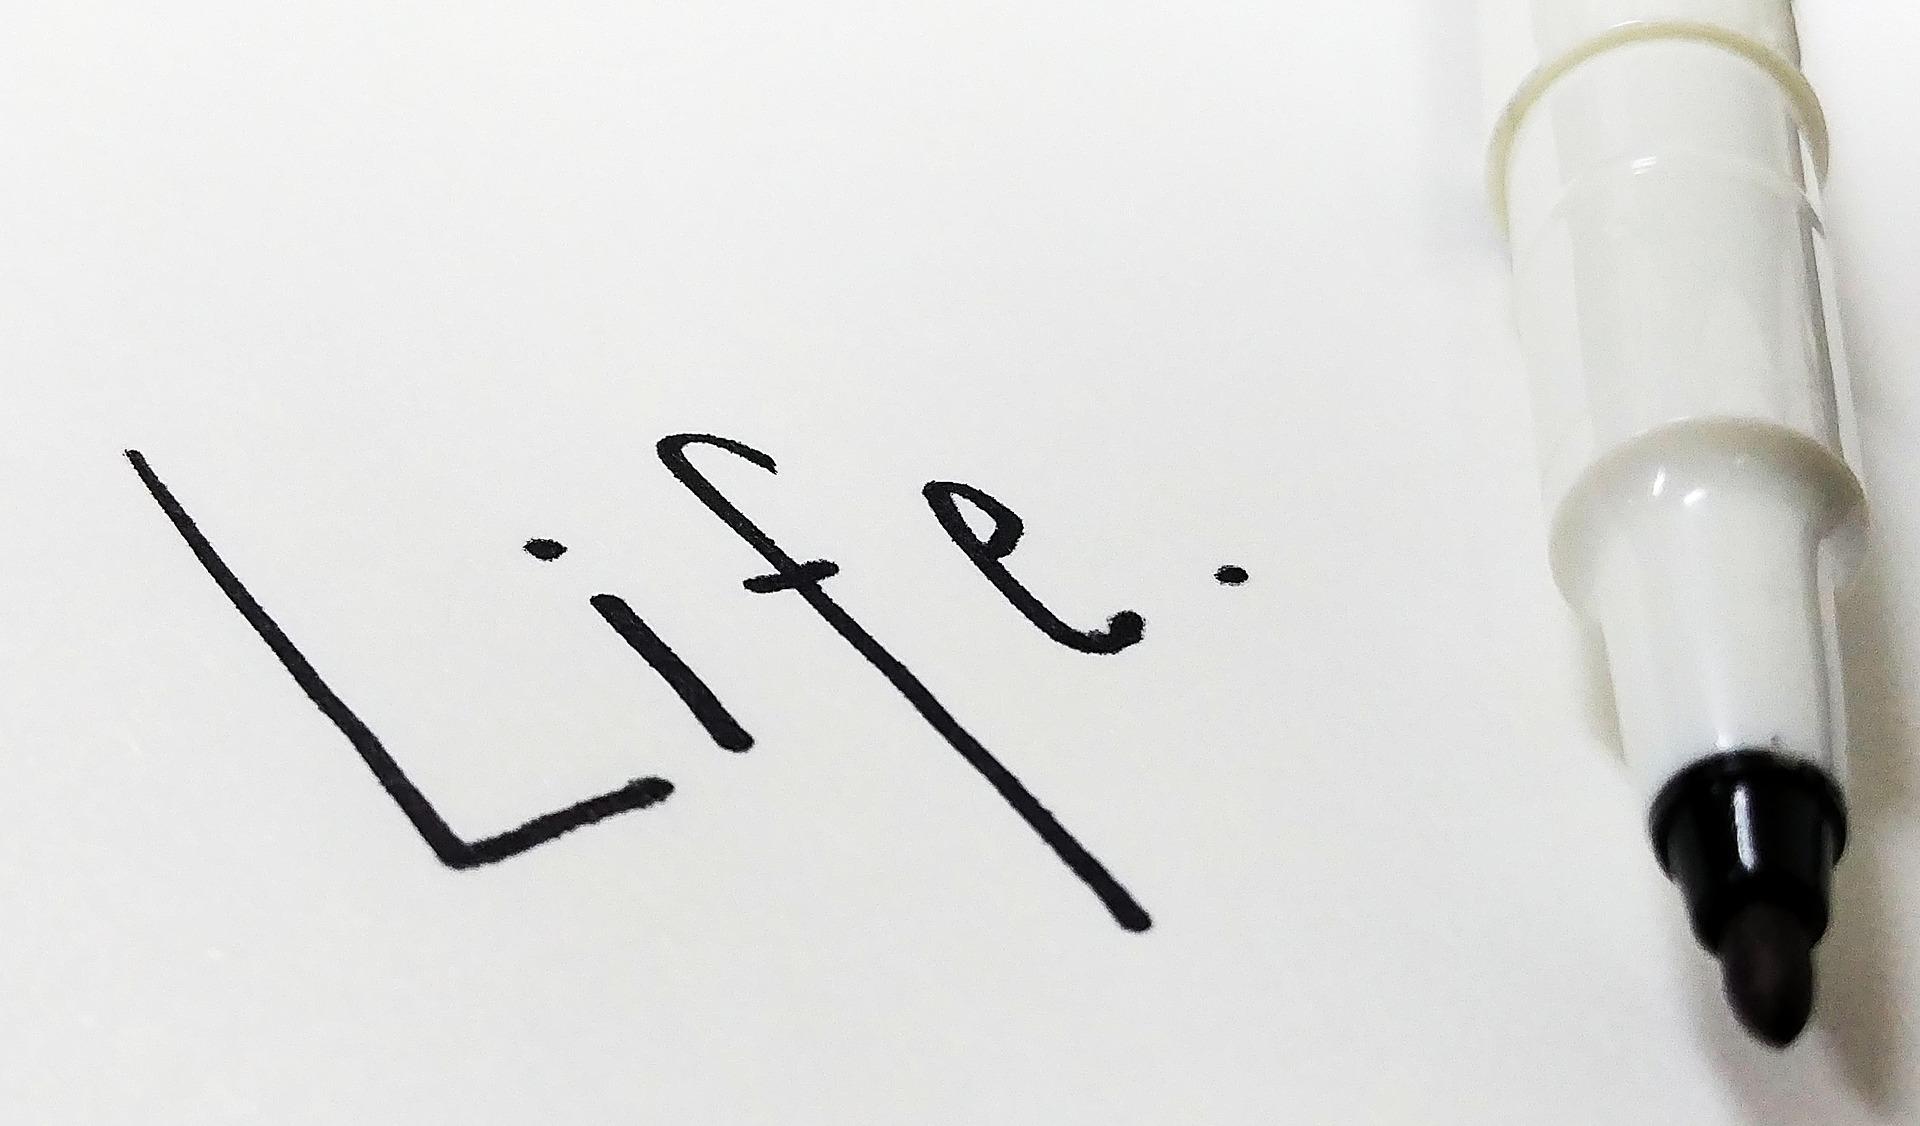 life written on pad